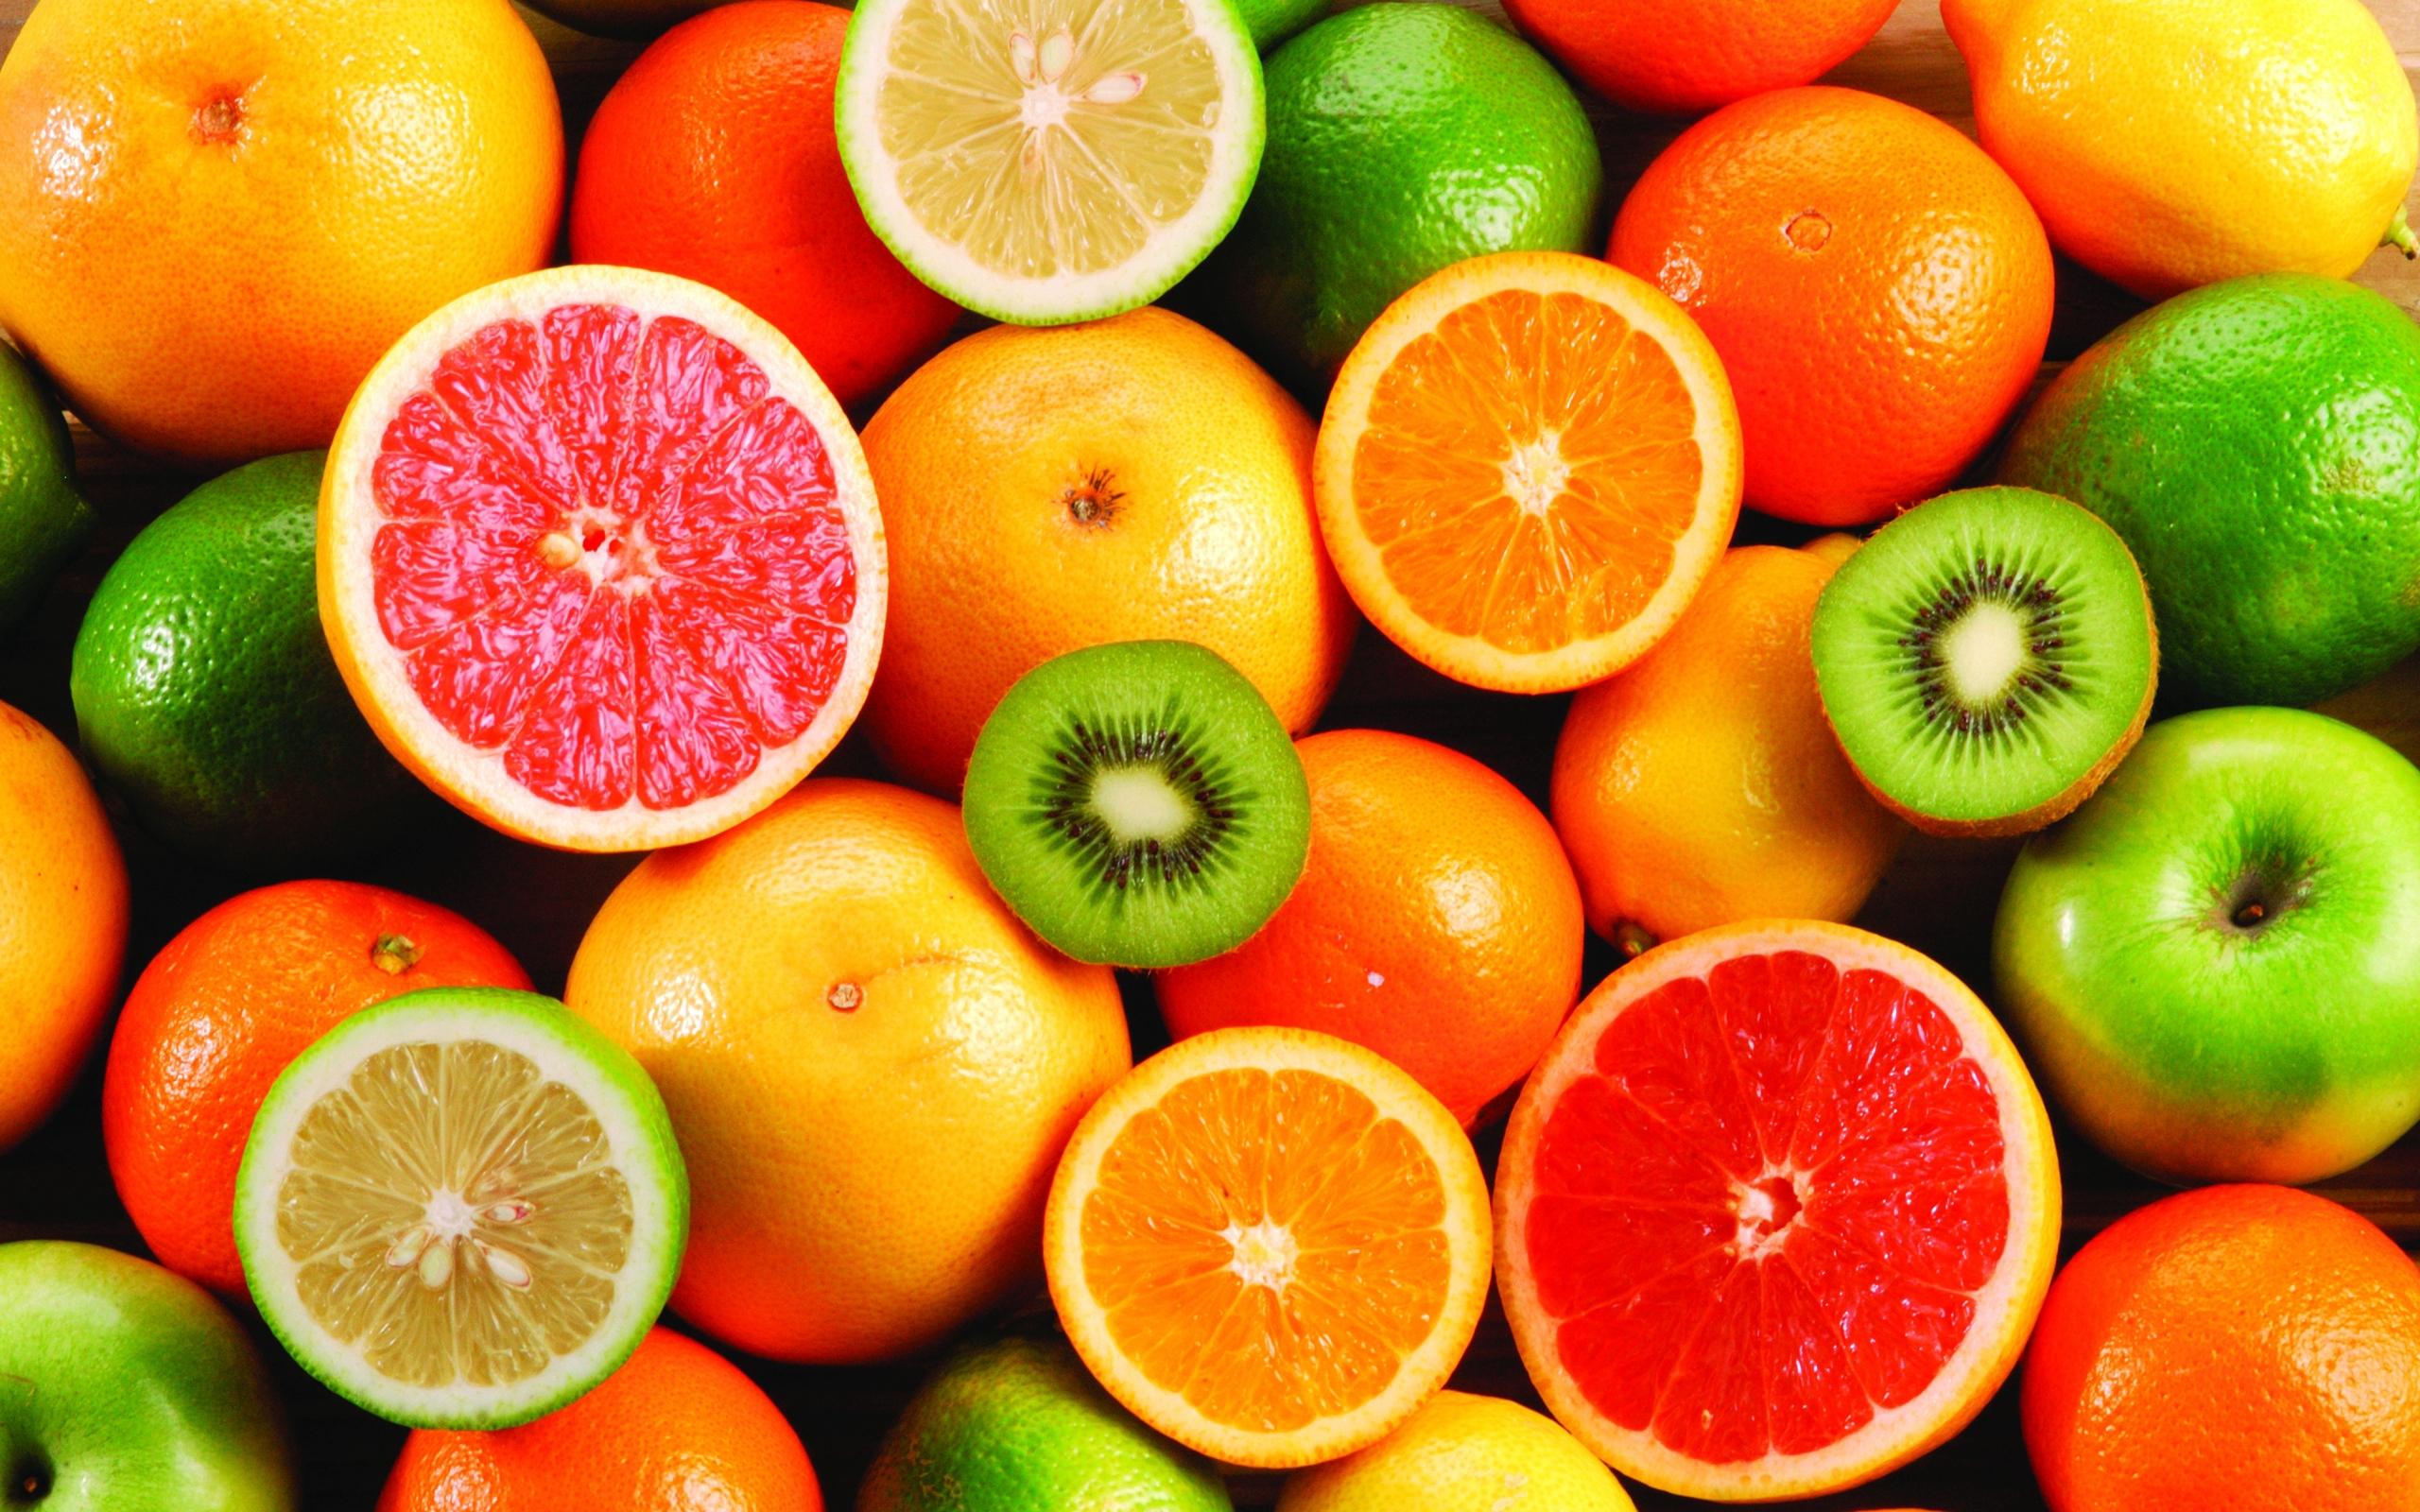 orange and kiwi